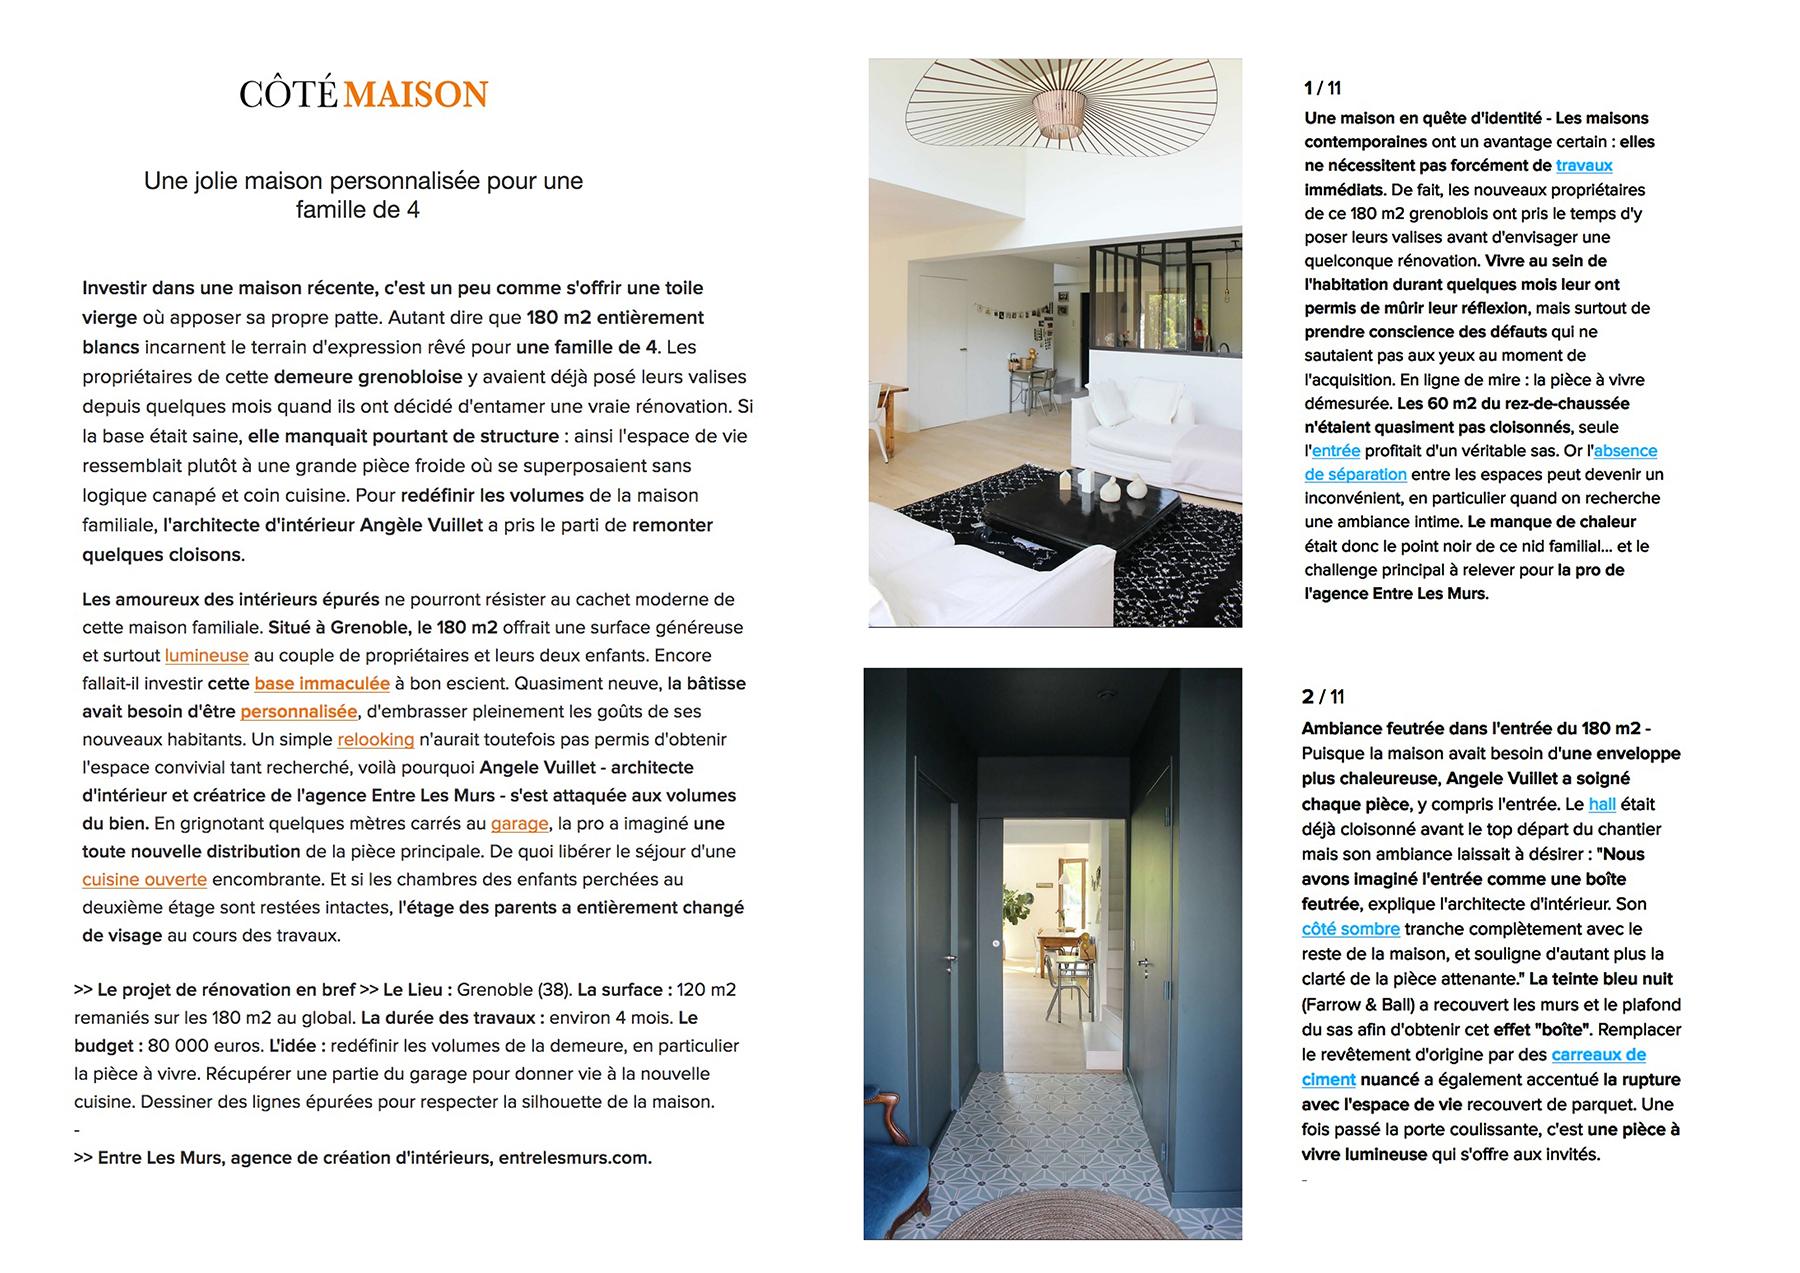 Cote-Maison__1.jpg